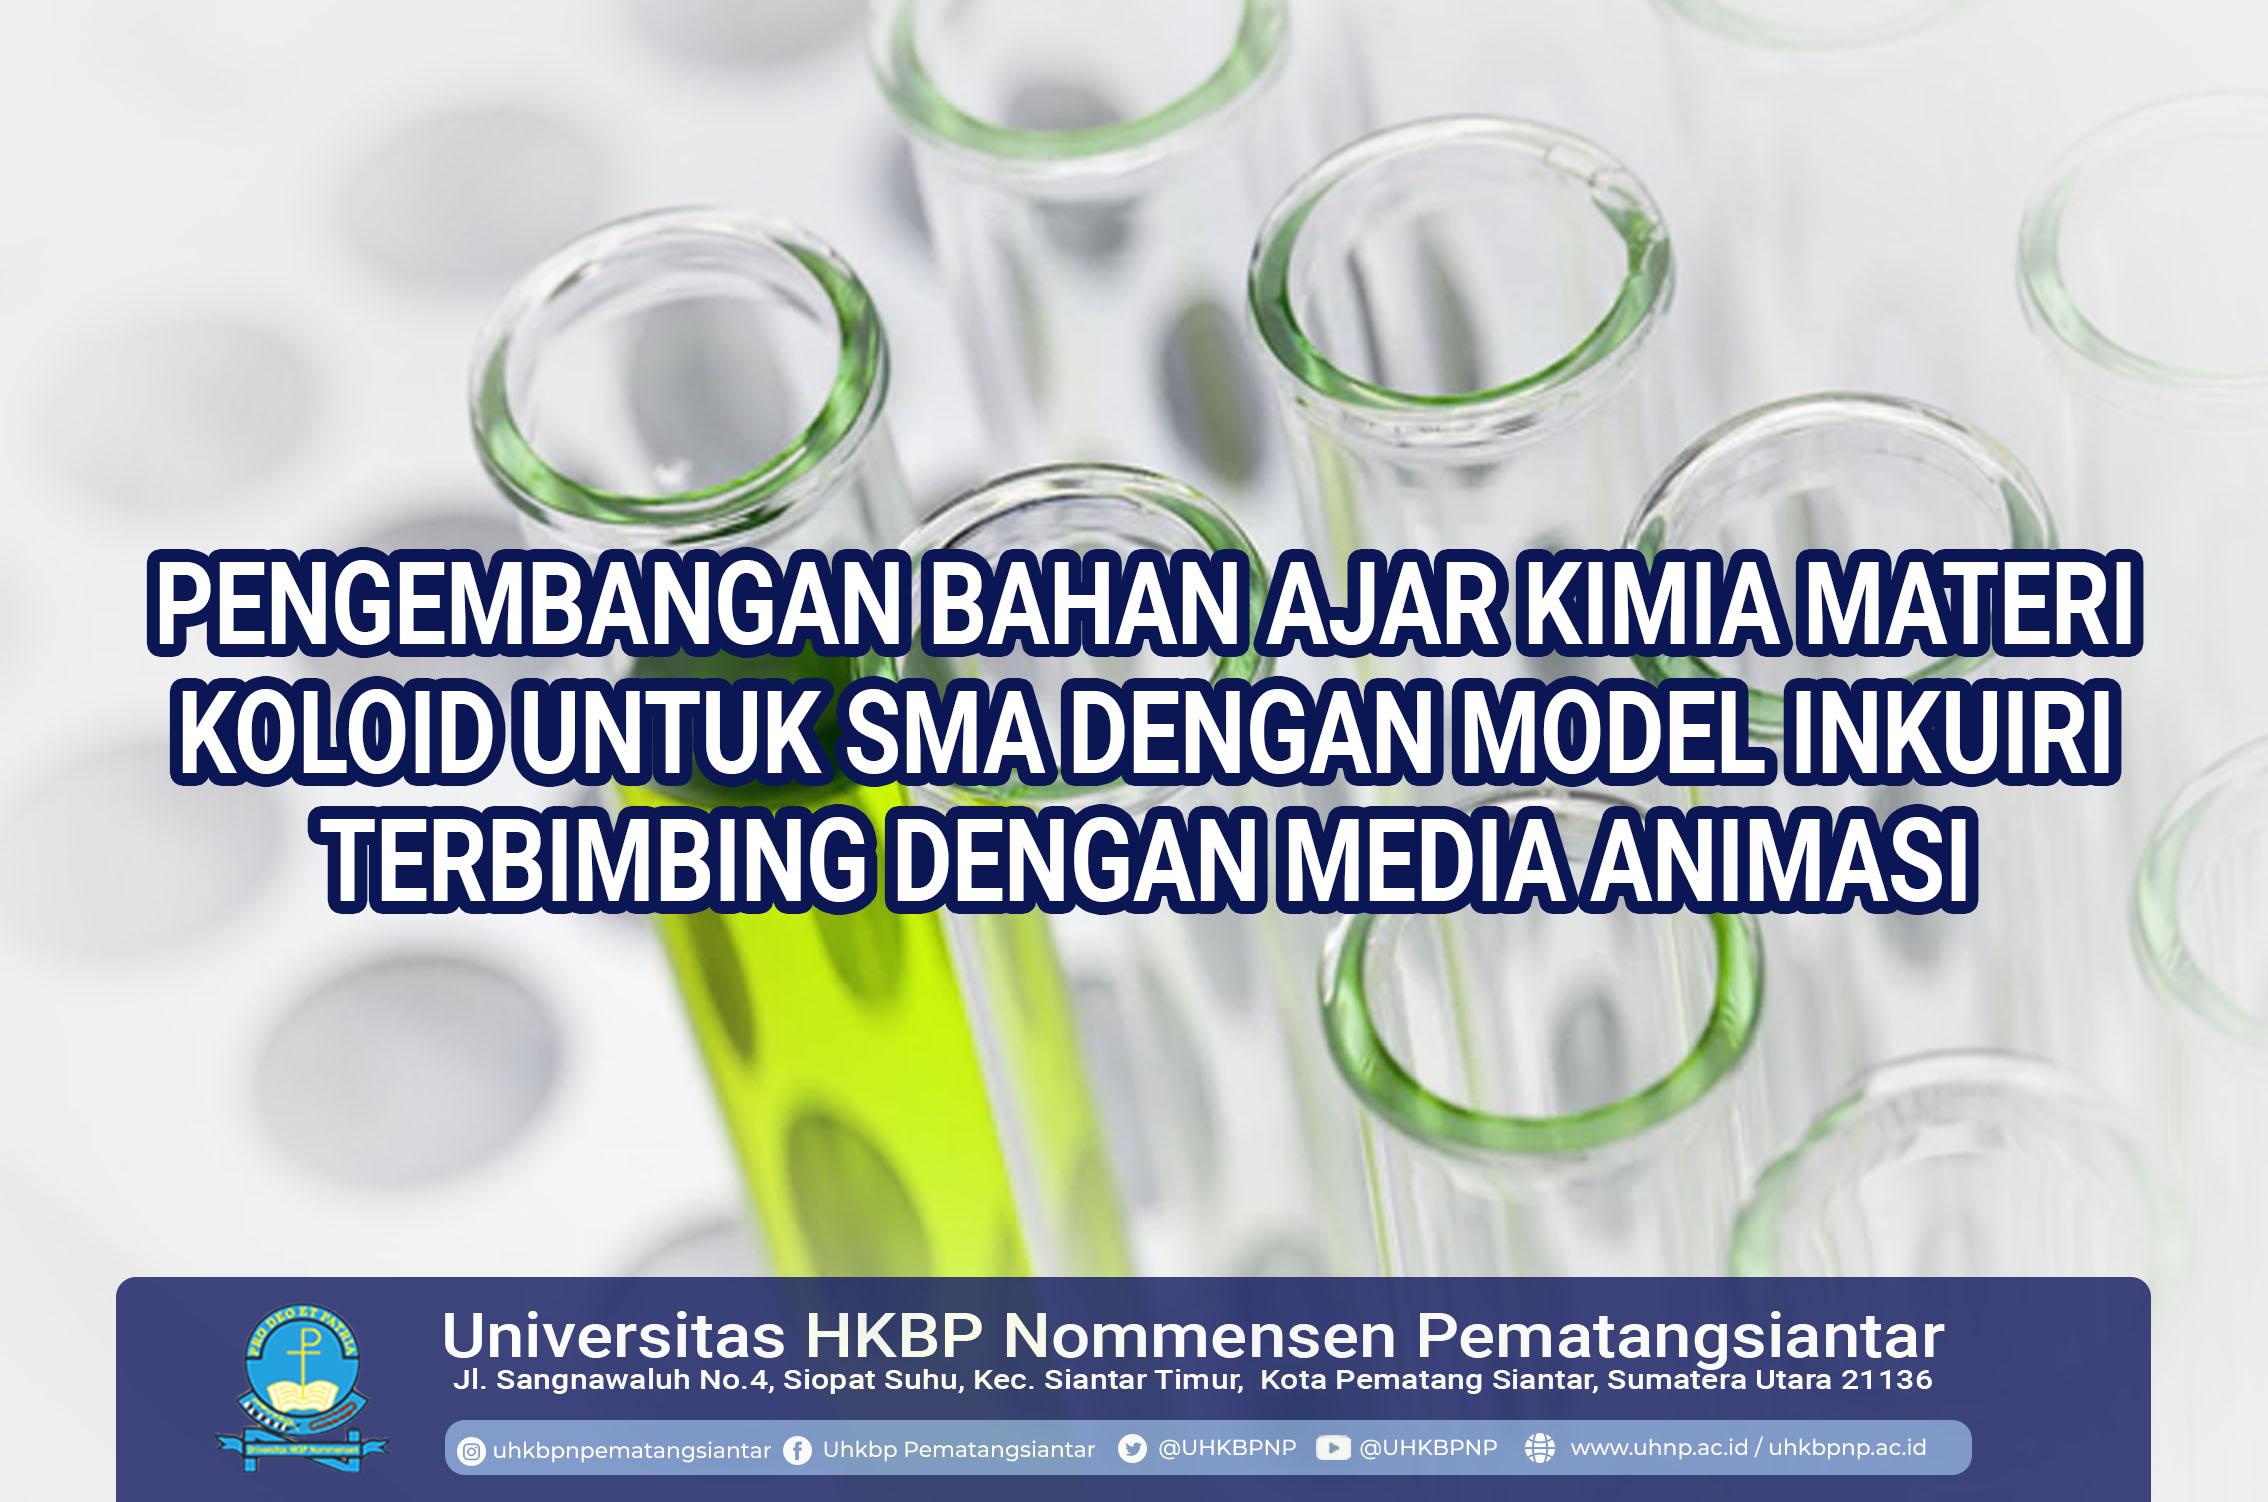 Kevin William Andri Siahaan, Lastri Hutabalian, Anita Debora Simangunsong, Miranda Agustina Simanjuntak